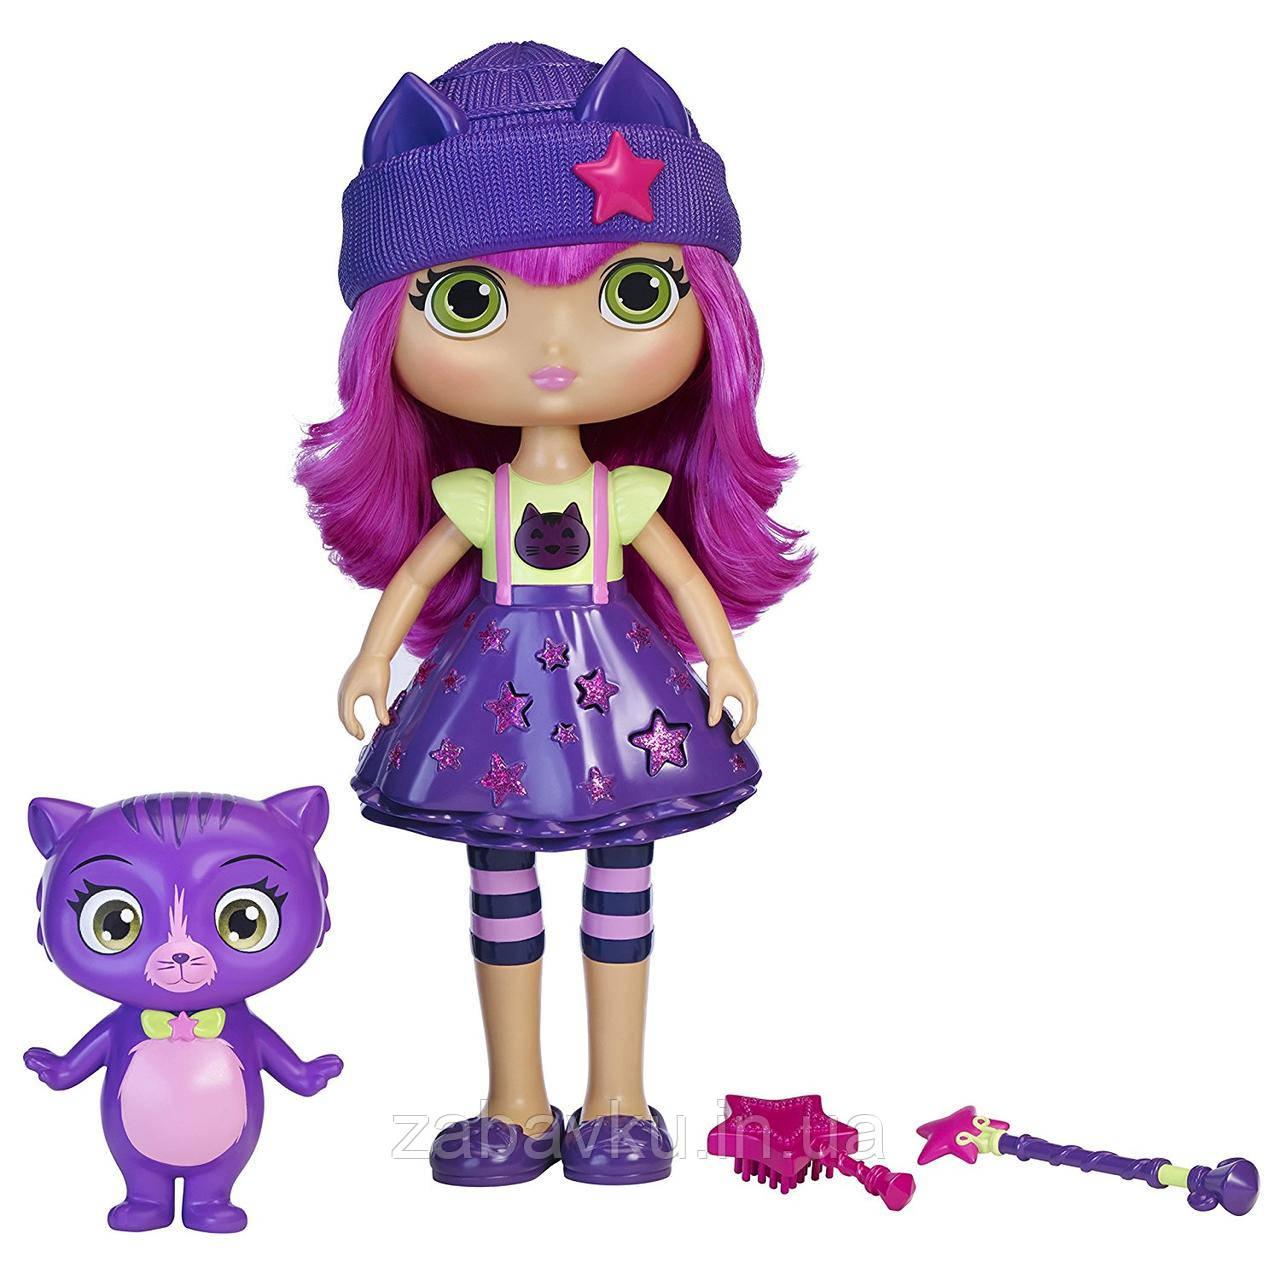 Лялька Хейзл Литл Чармерс Little Charmers Hazel Magic Doll